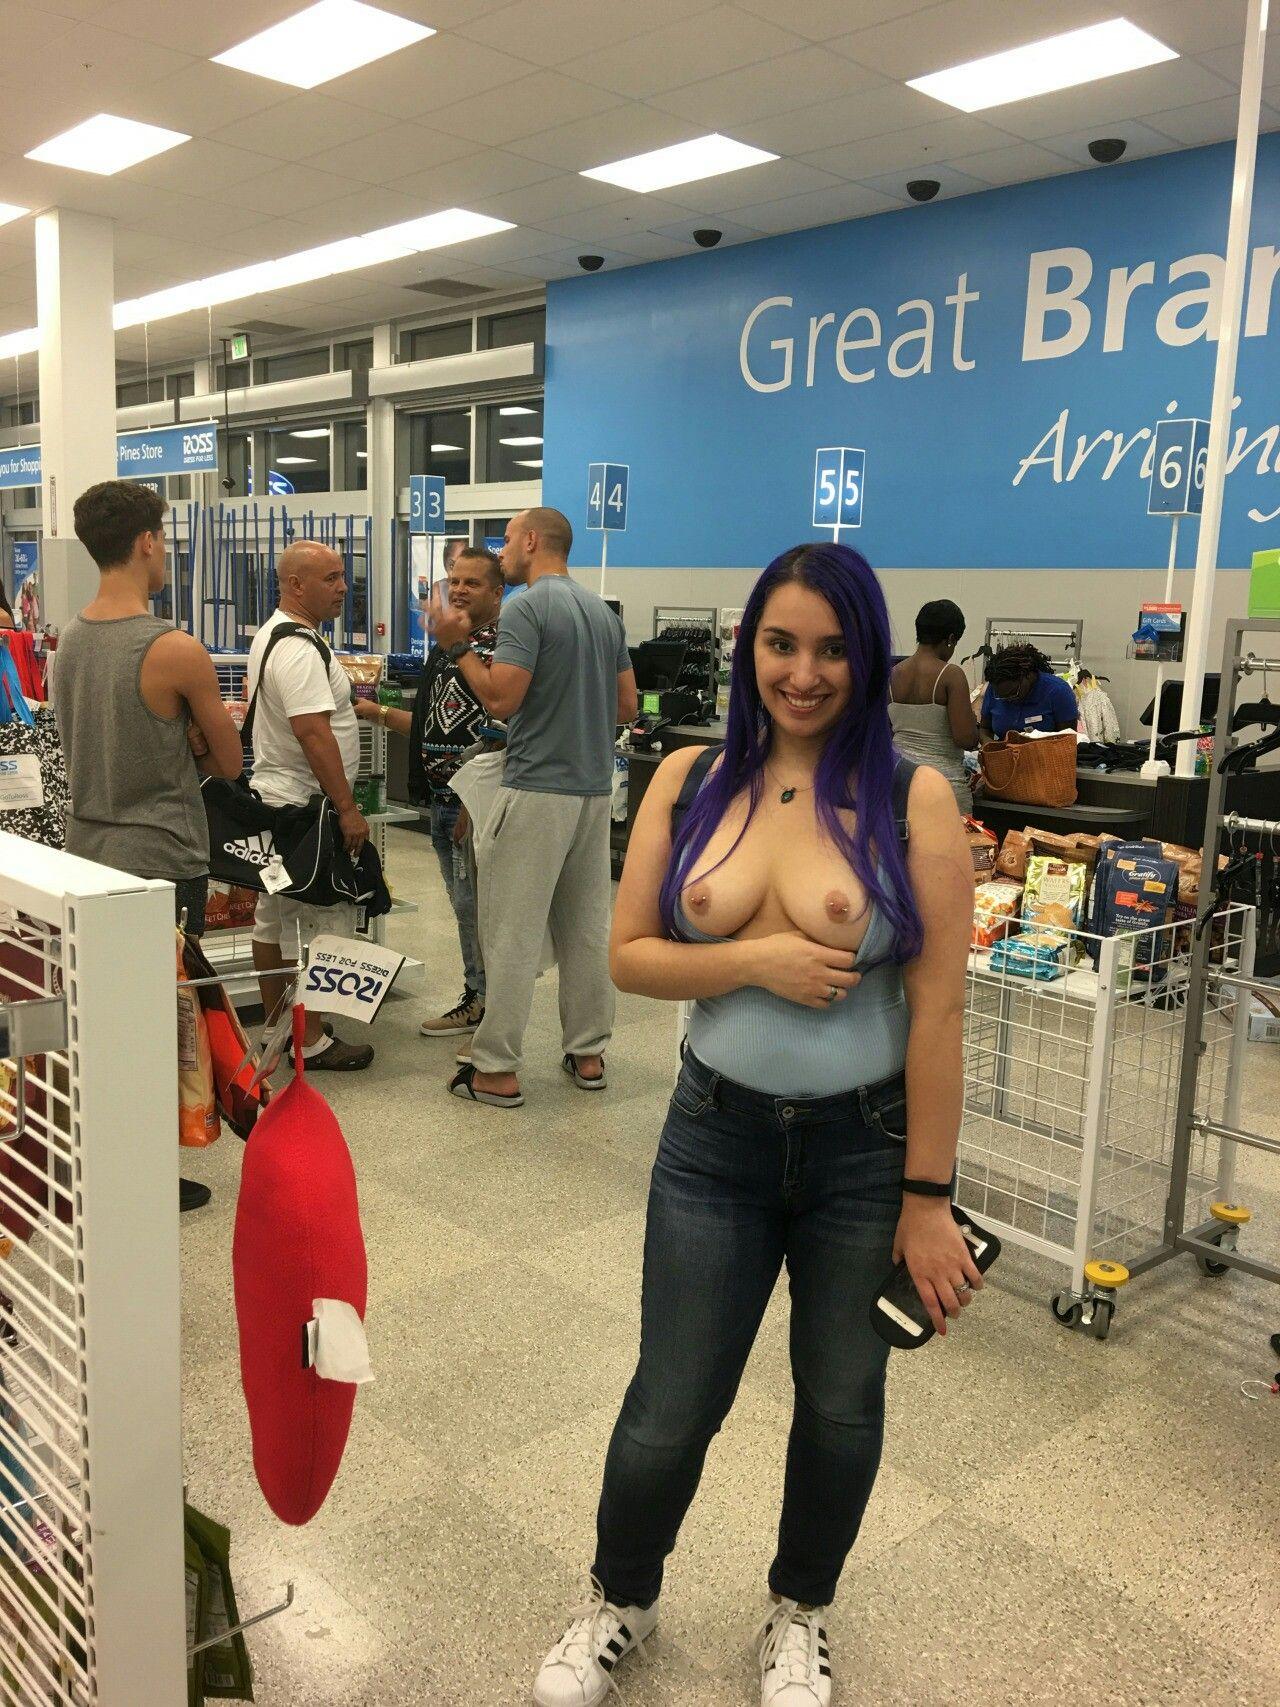 Girl wrestling super star naked